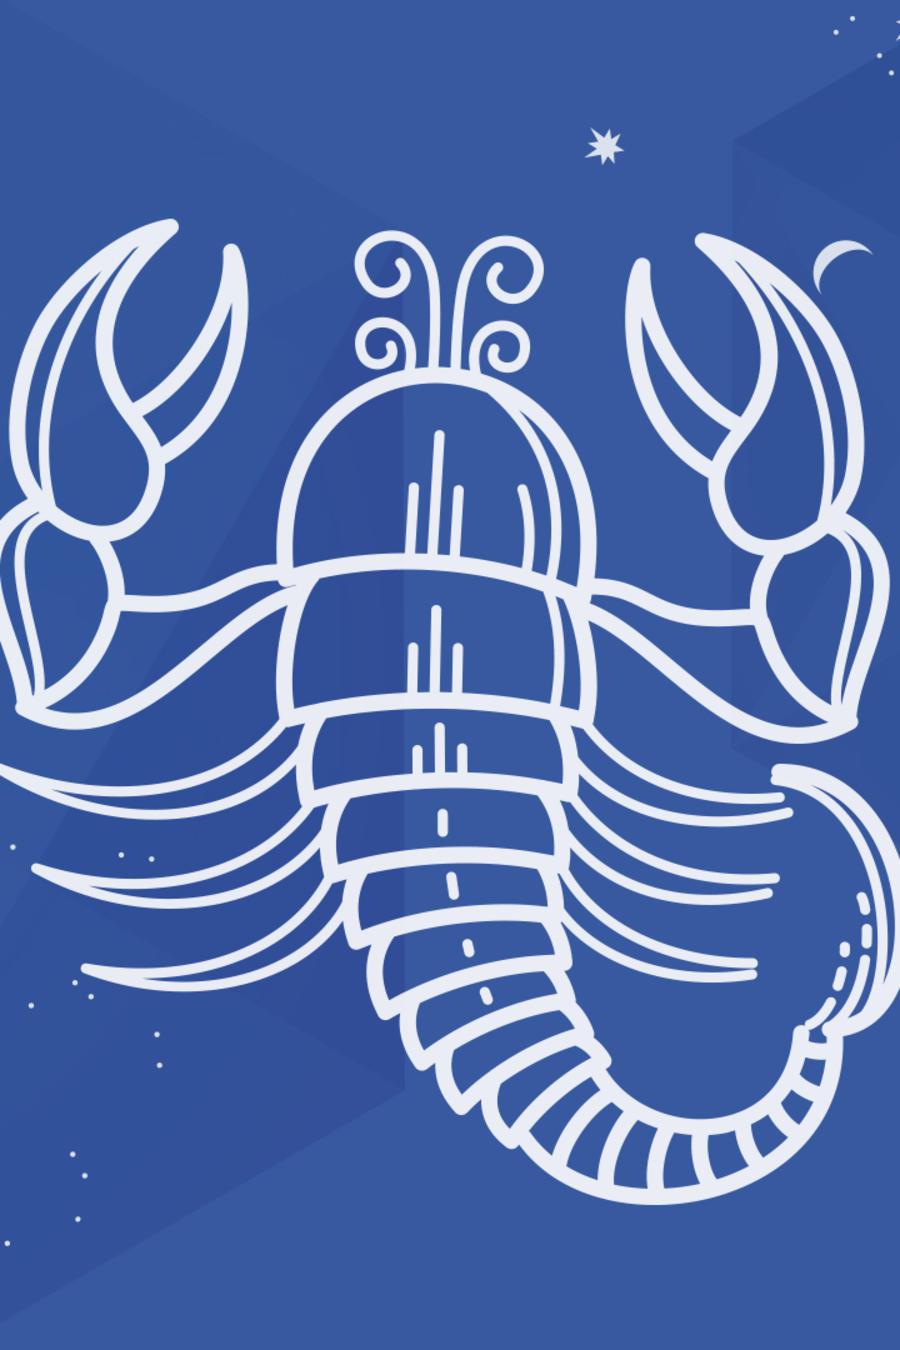 Horóscopo zodiacal signo Escorpio